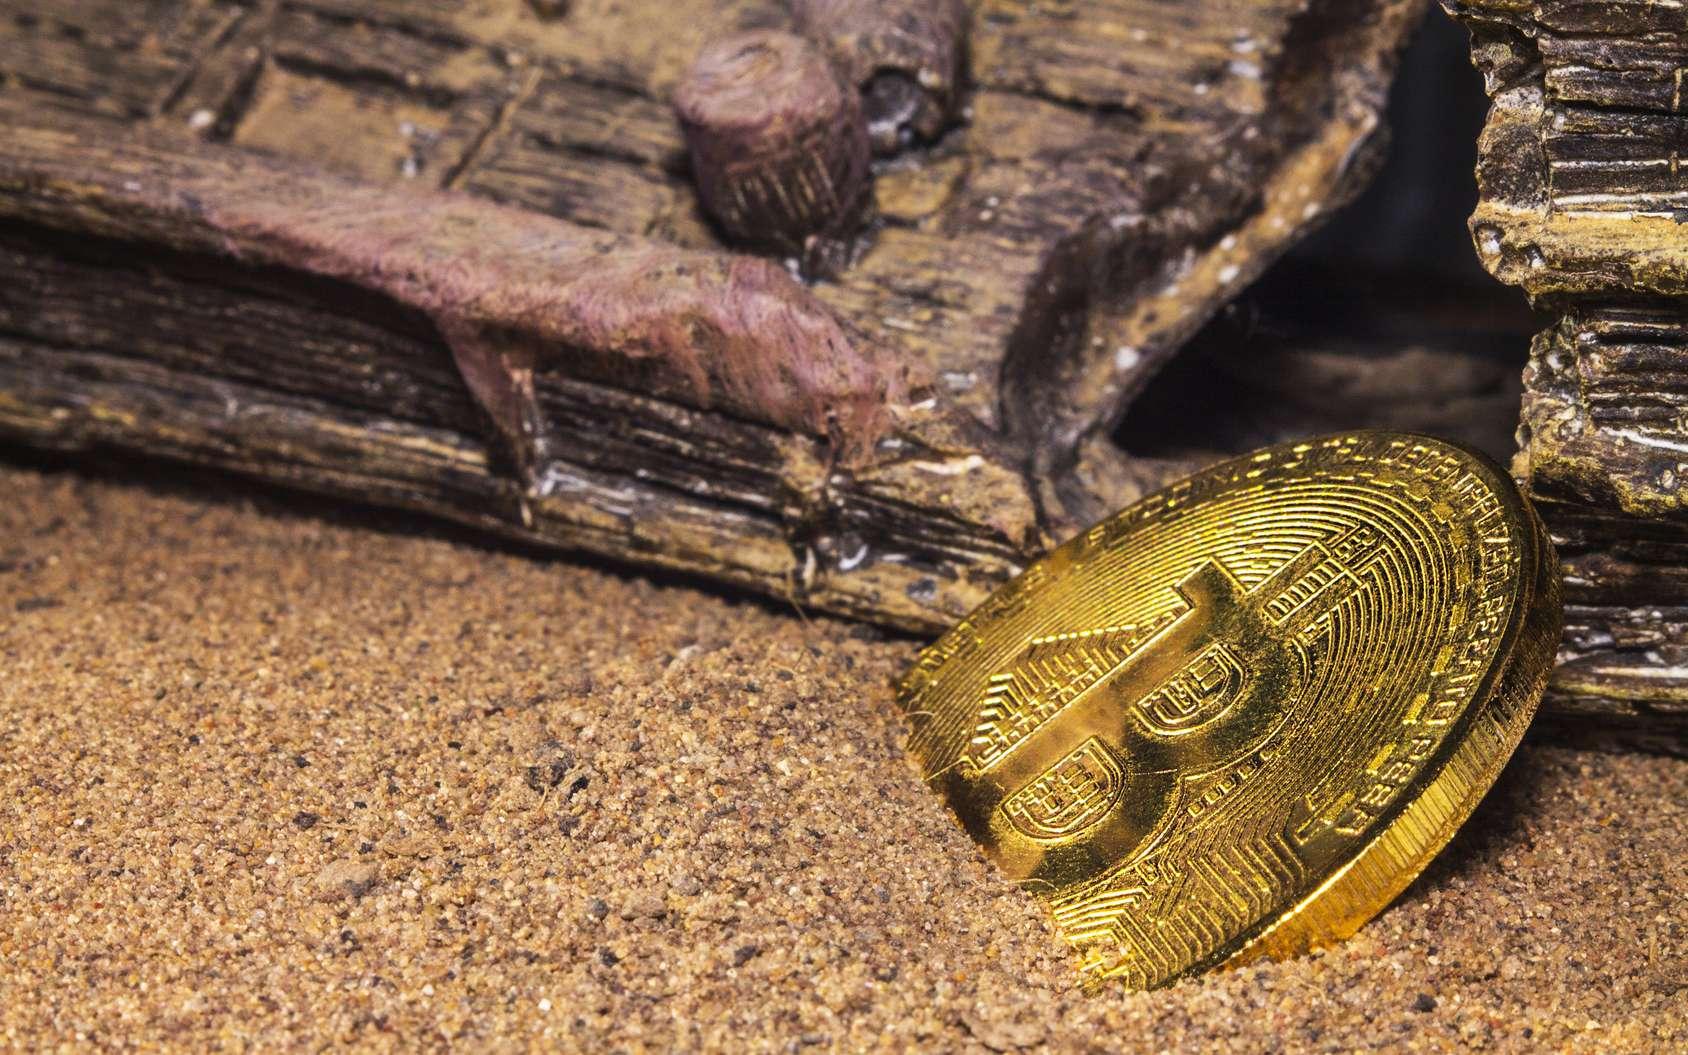 Derrière la prétendue découverte d'une épave d'un cuirassier russe, une gigantesque arnaque à la cryptomonnaie. © Владимир Савин, Fotolia.com